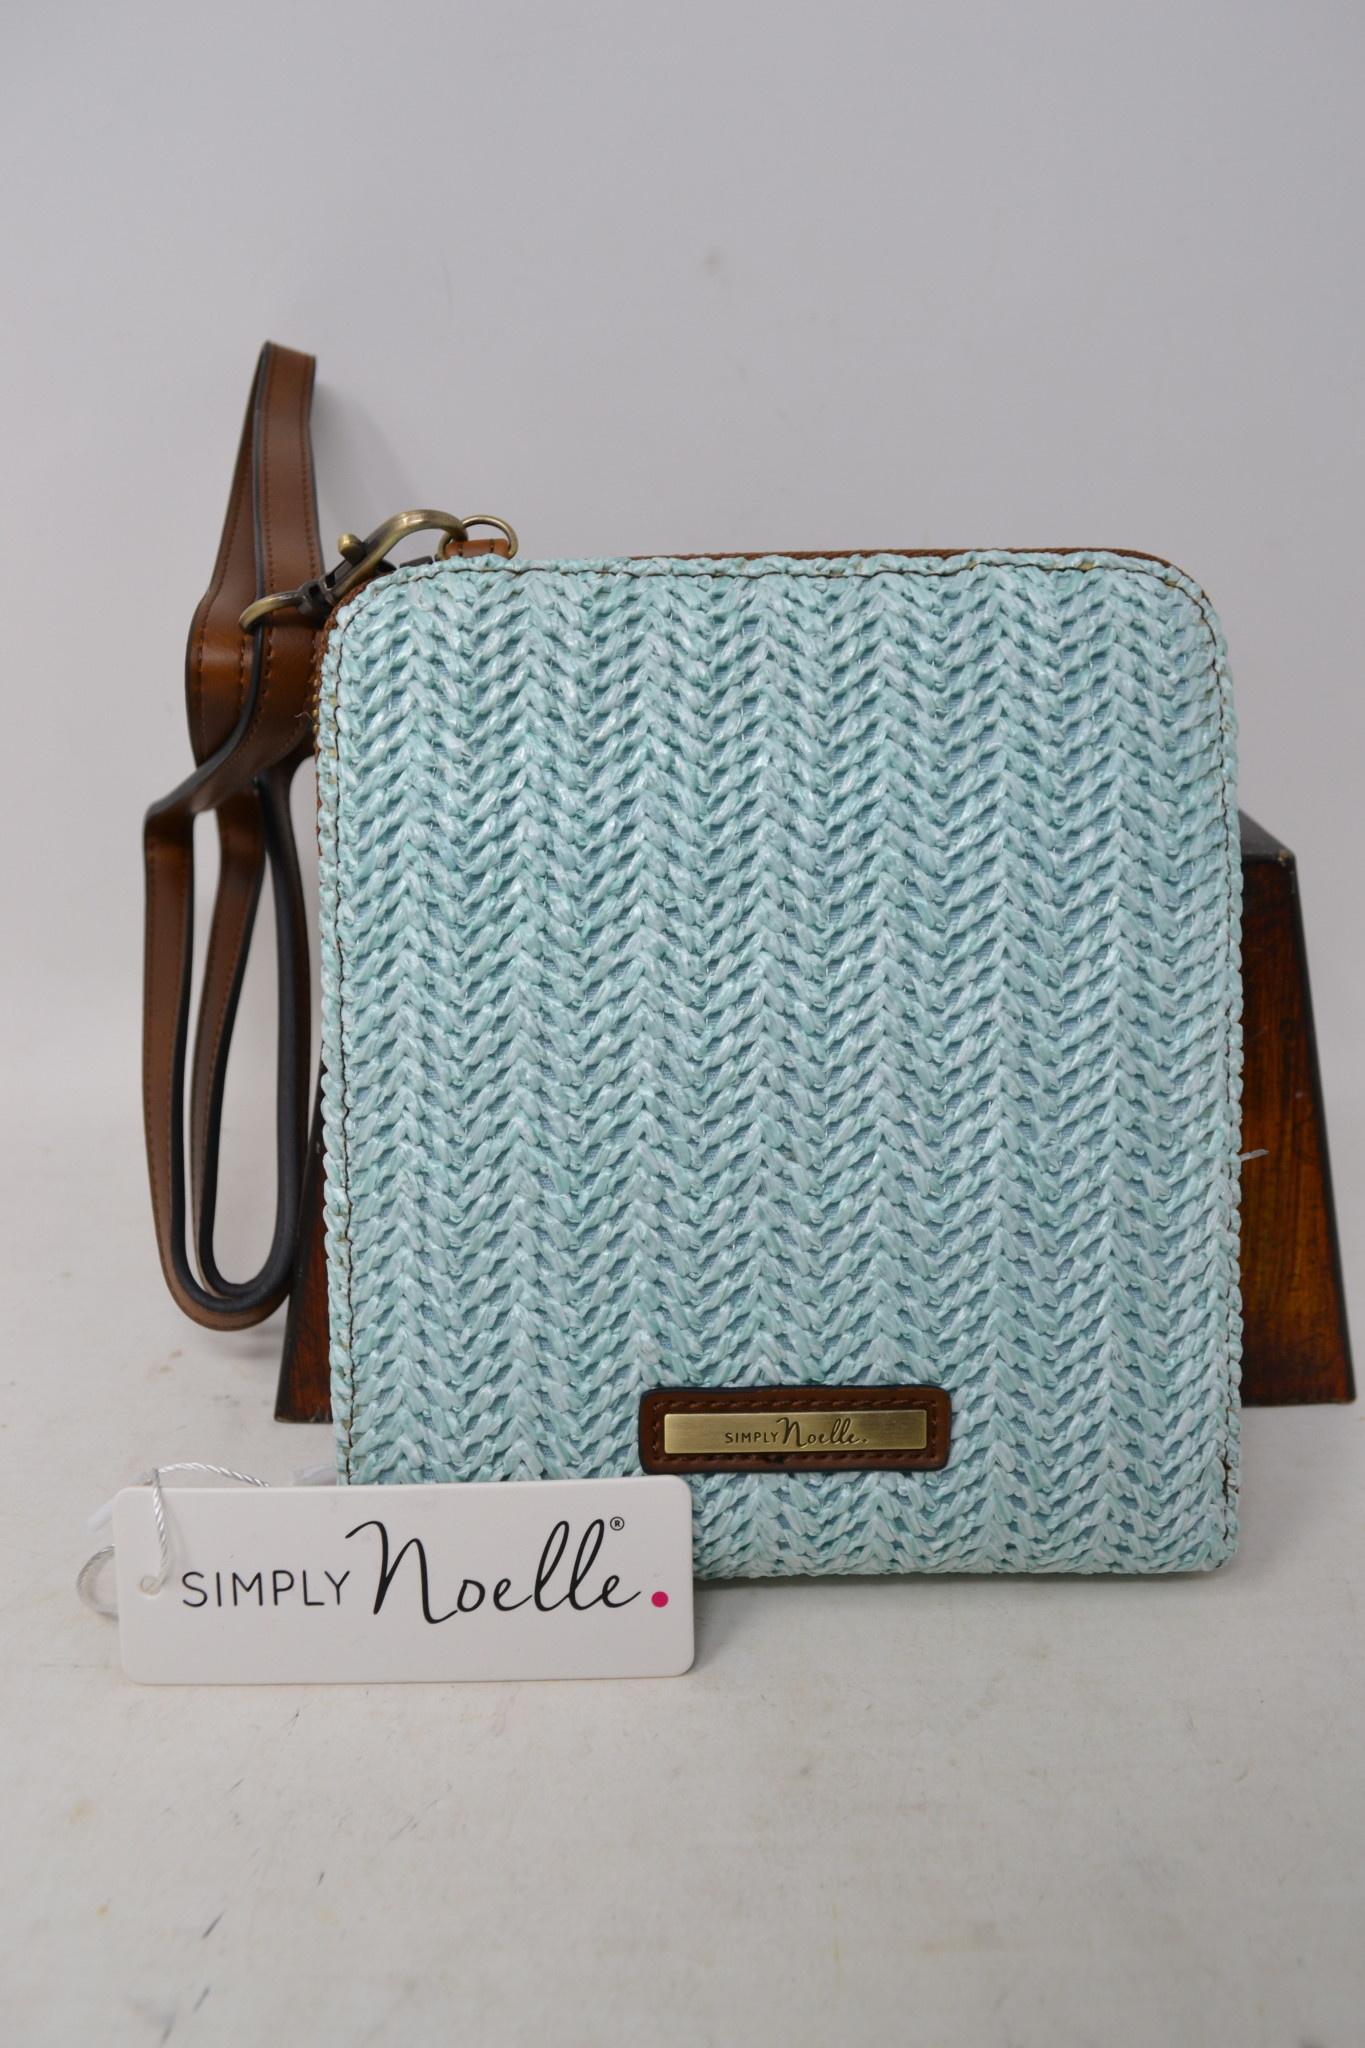 Simply Noelle Simply Noelle Raffia Crossbody (3-Colors)